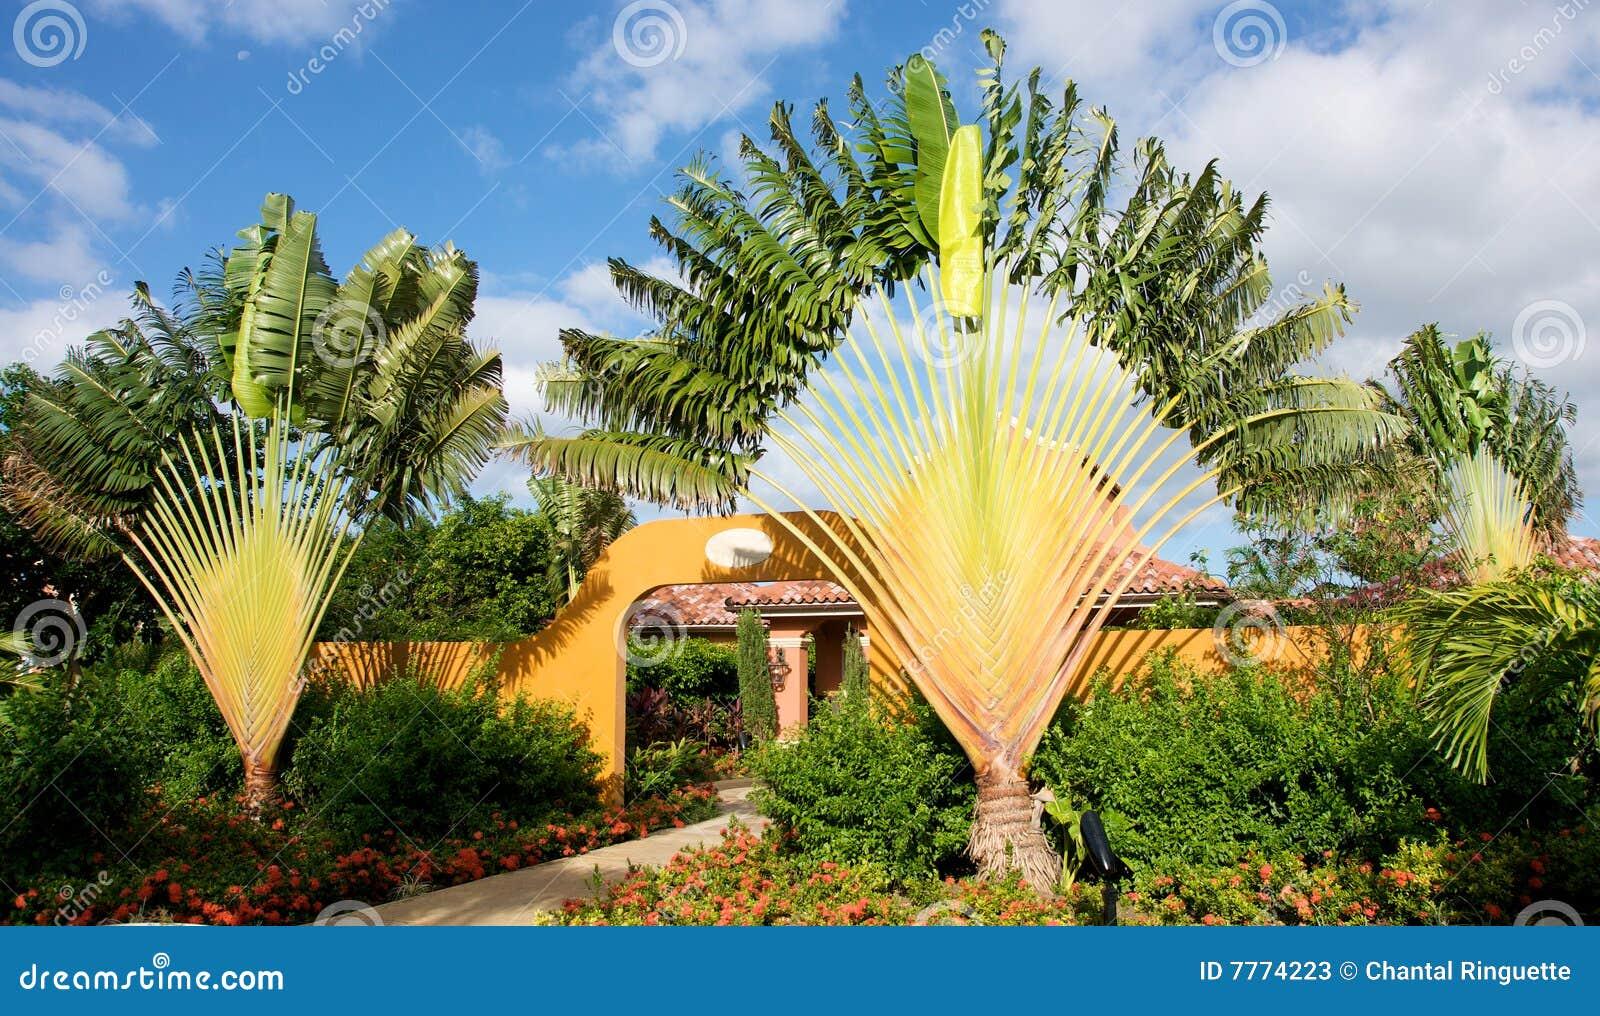 imagens jardins lindos : imagens jardins lindos:Fotos de Stock: Jardins tropicais bonitos